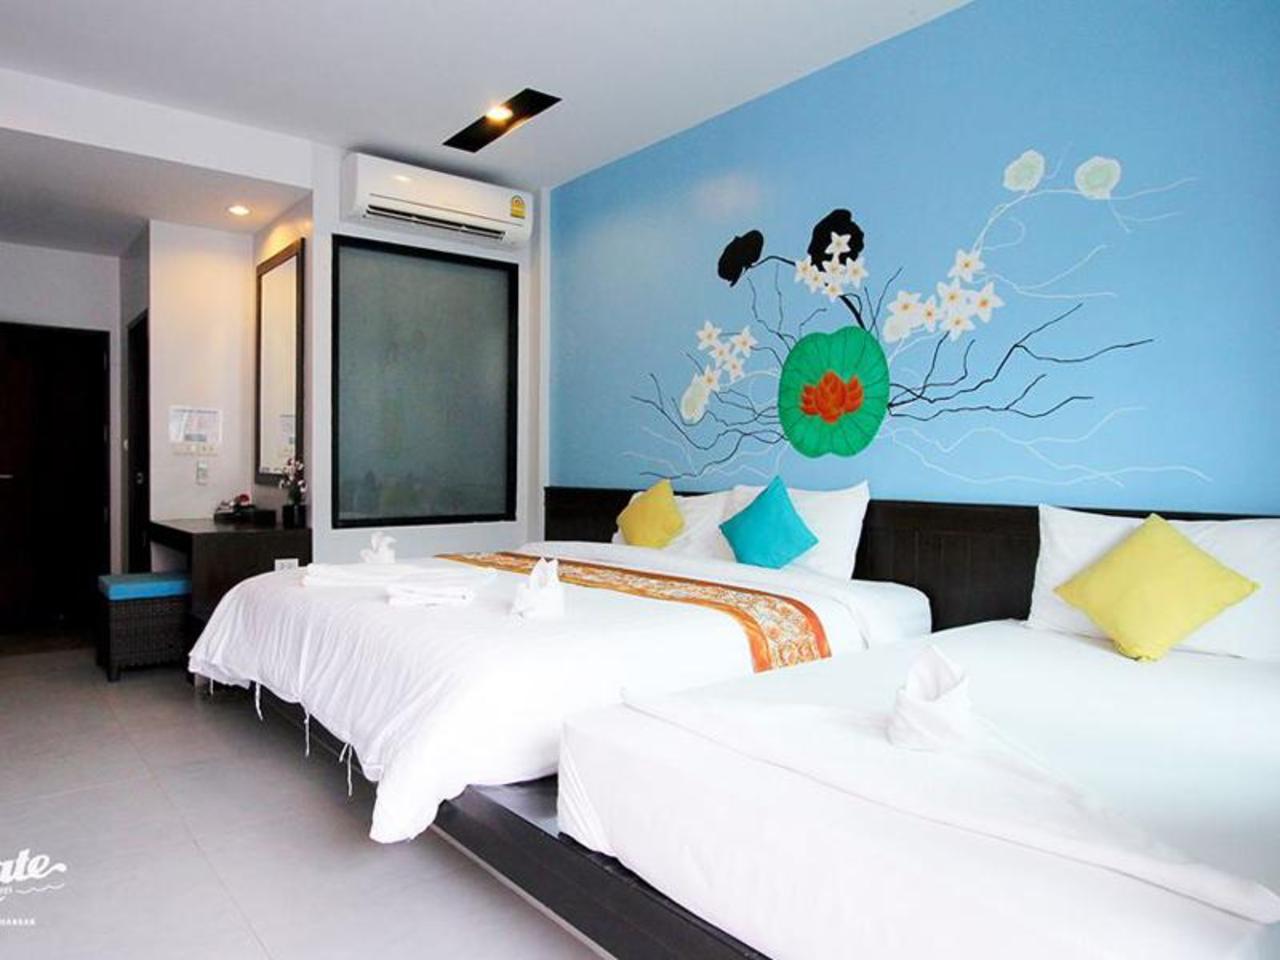 วี ทู ซีเกท ฮิป โฮเต็ฃ-โฮสเทล แมเนจ บาย ไอแวน (V2 Seagate Hip Hotel-Hostel managed by Ivan)